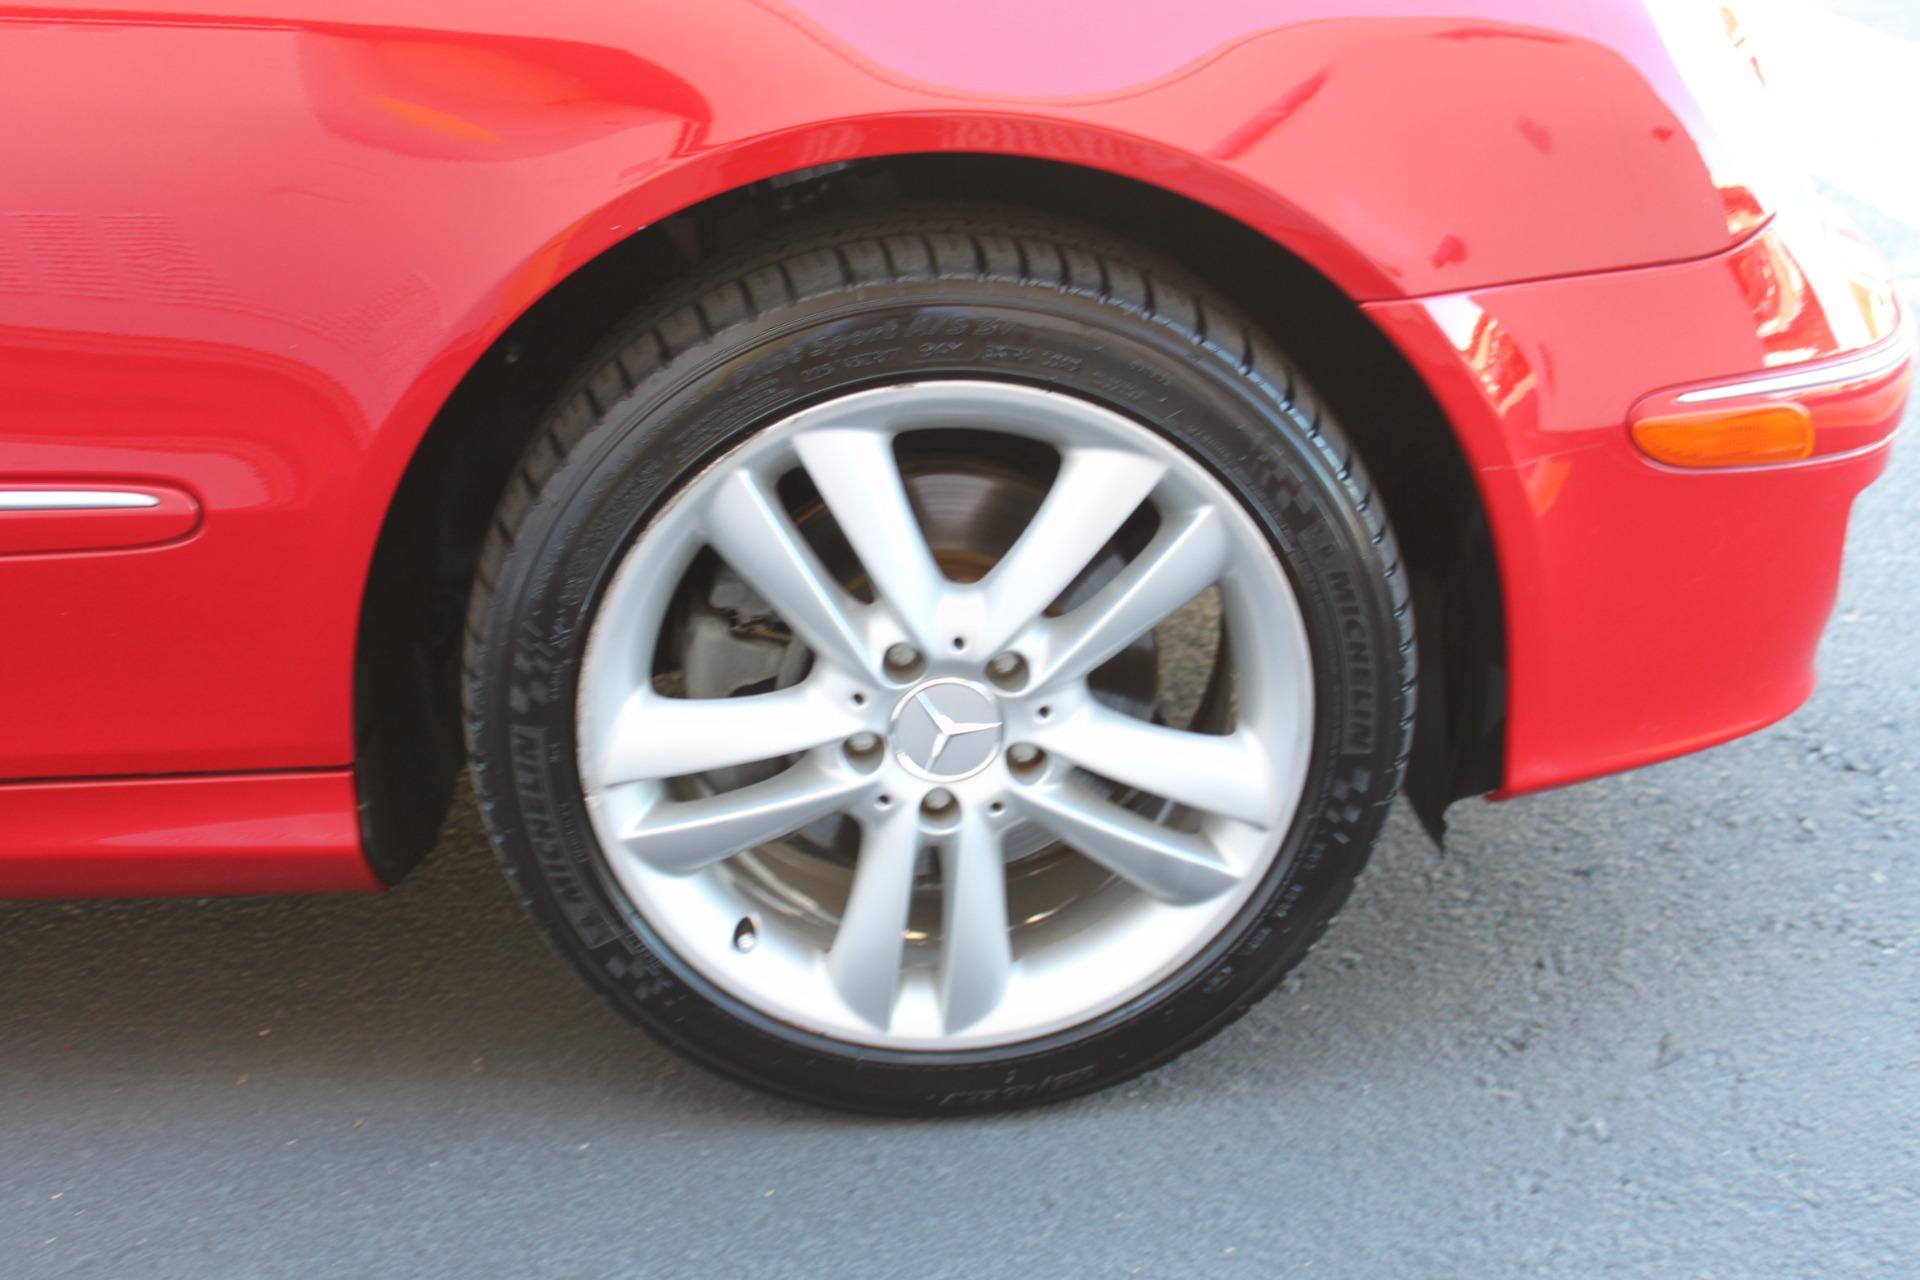 Used-2006-Mercedes-Benz-CLK-Class-CLK350-Cabriolet-35L-Audi